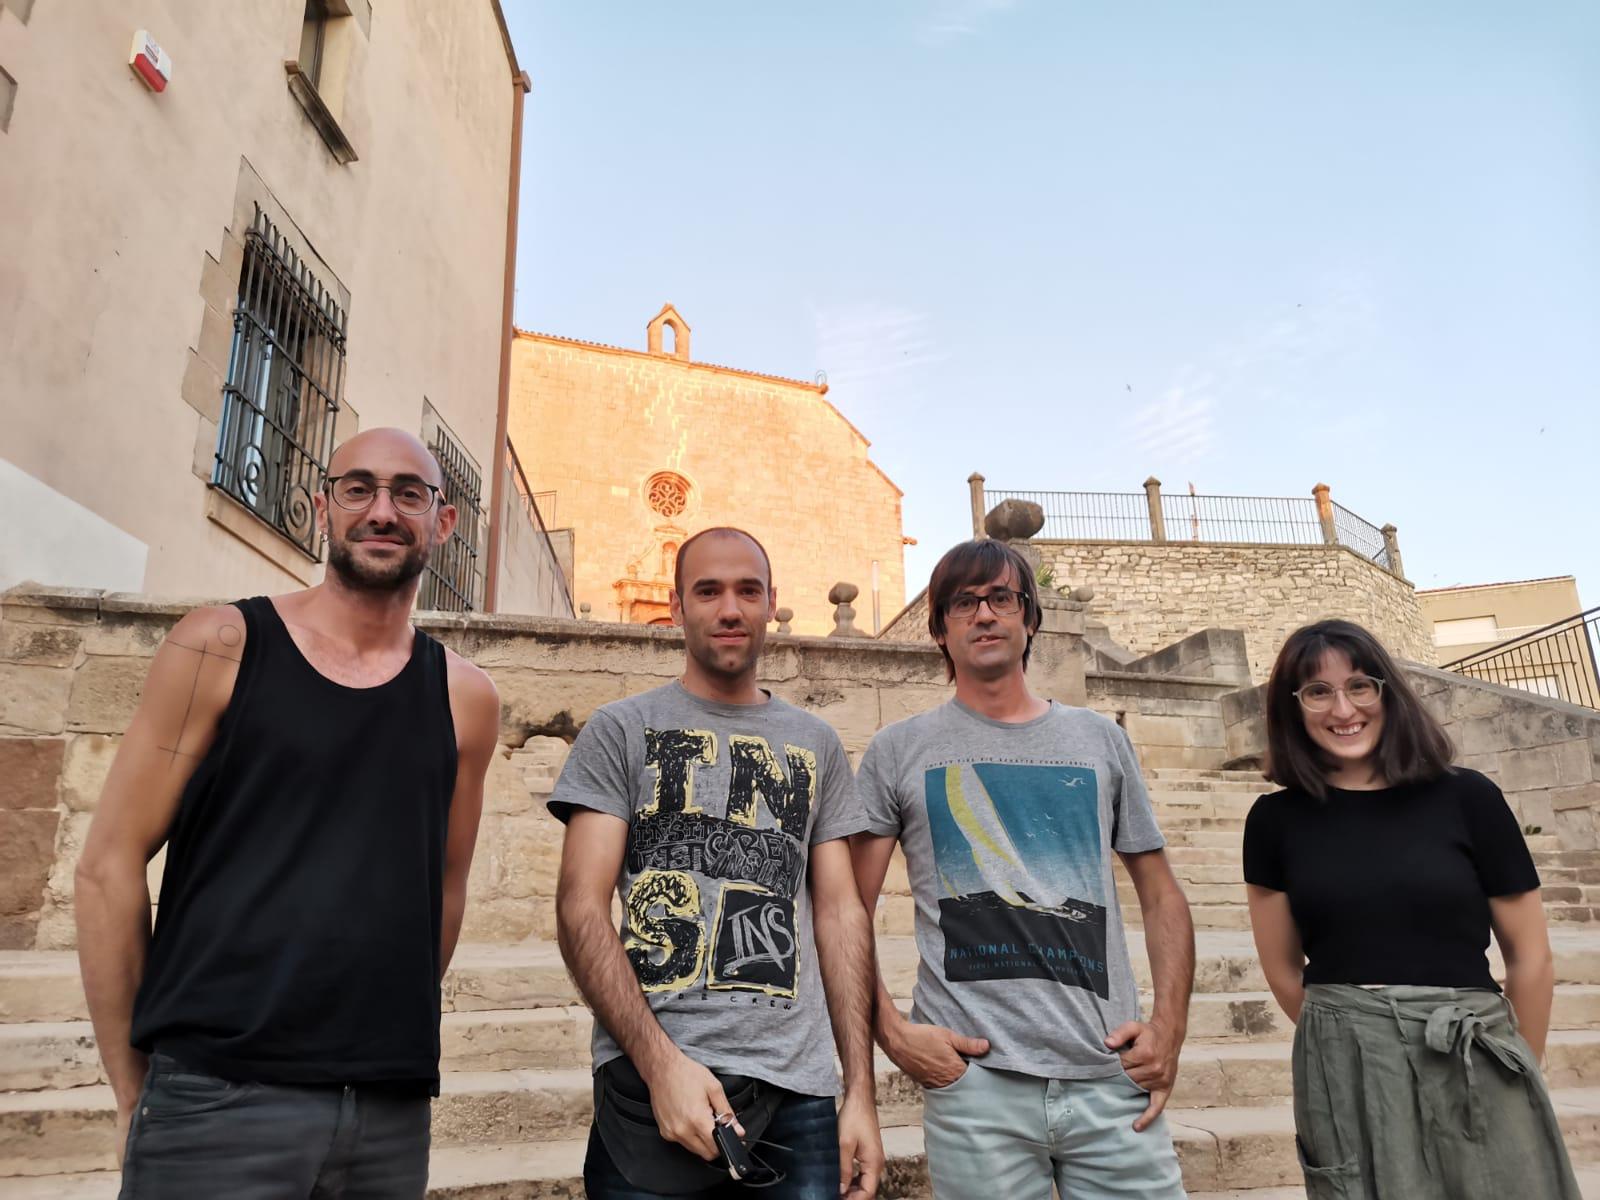 L' Escola de Música de Bellpuig renova el seu equip directiu per impulsar un nou model educatiu més ampli i divers